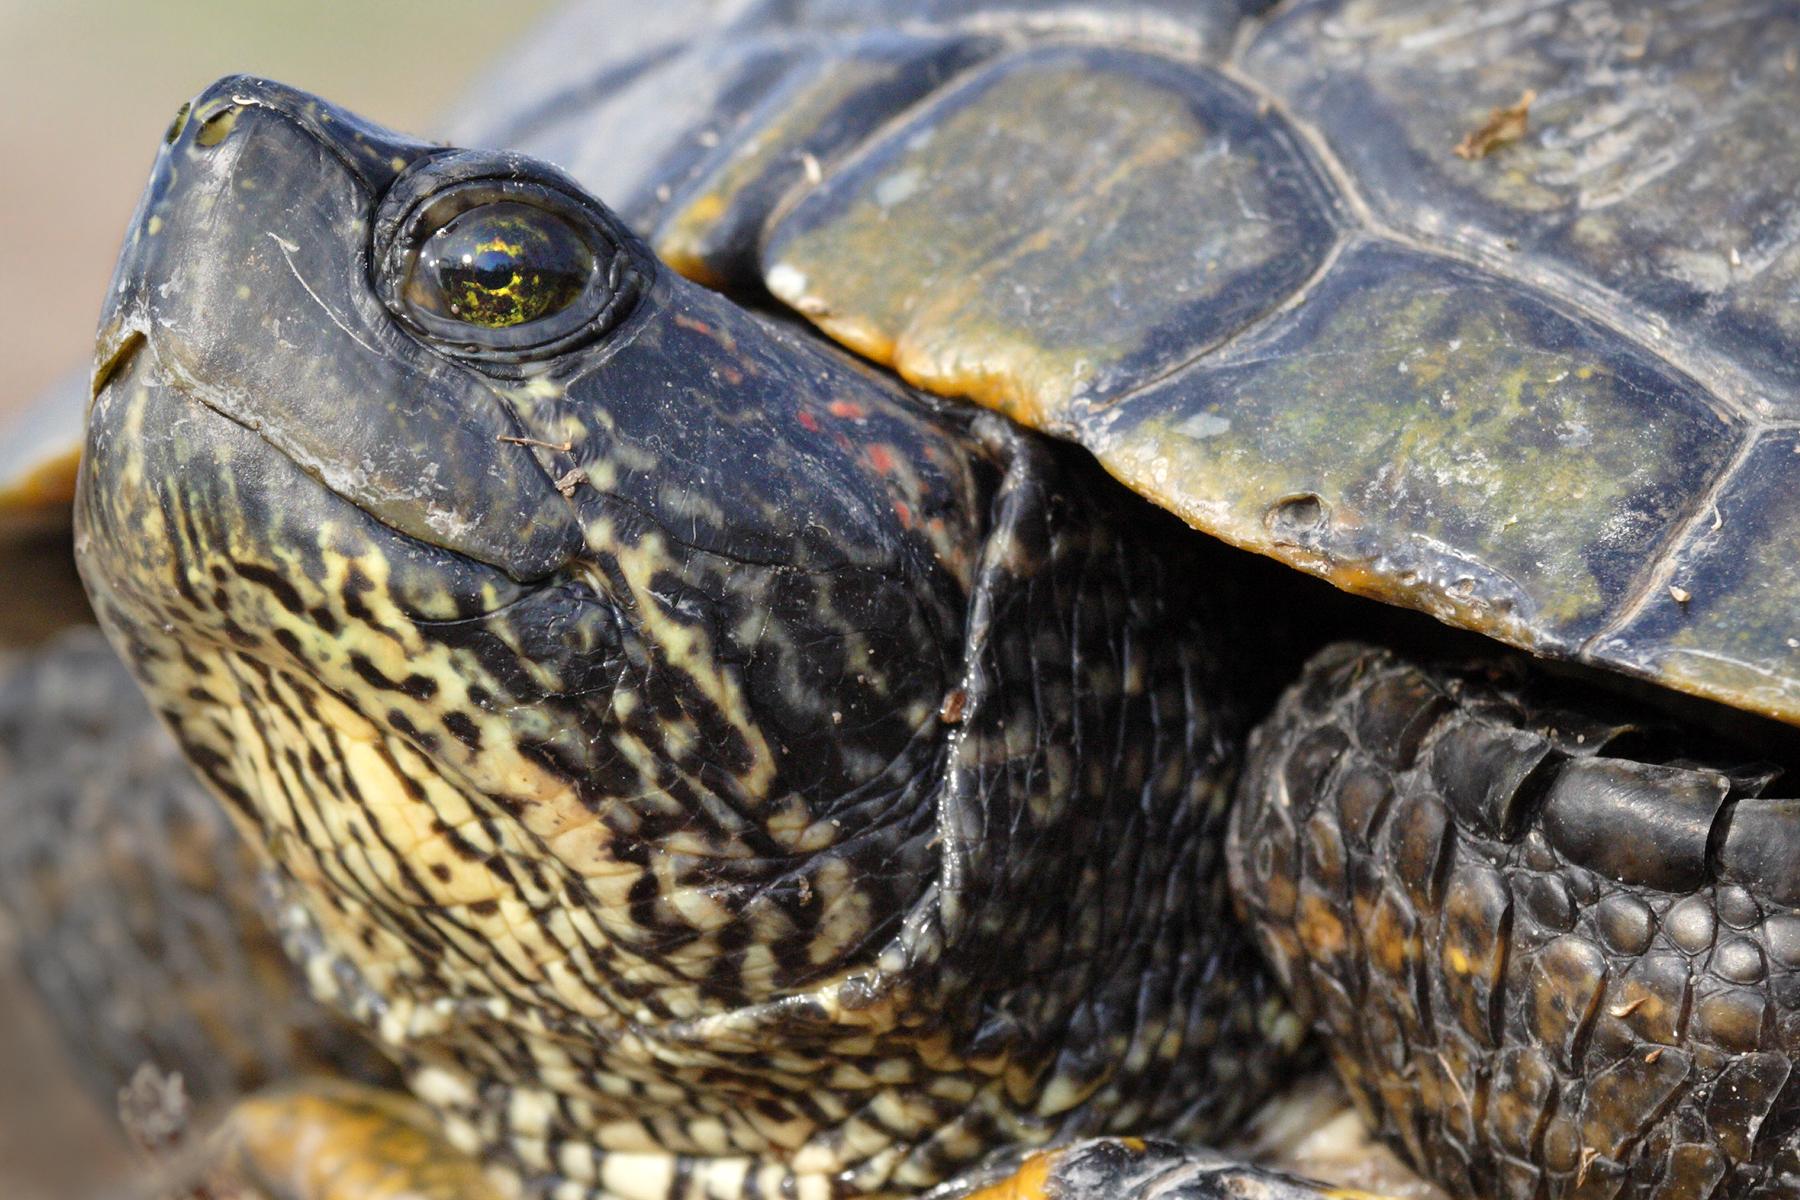 TurtleCloseup - JimRoss.jpg